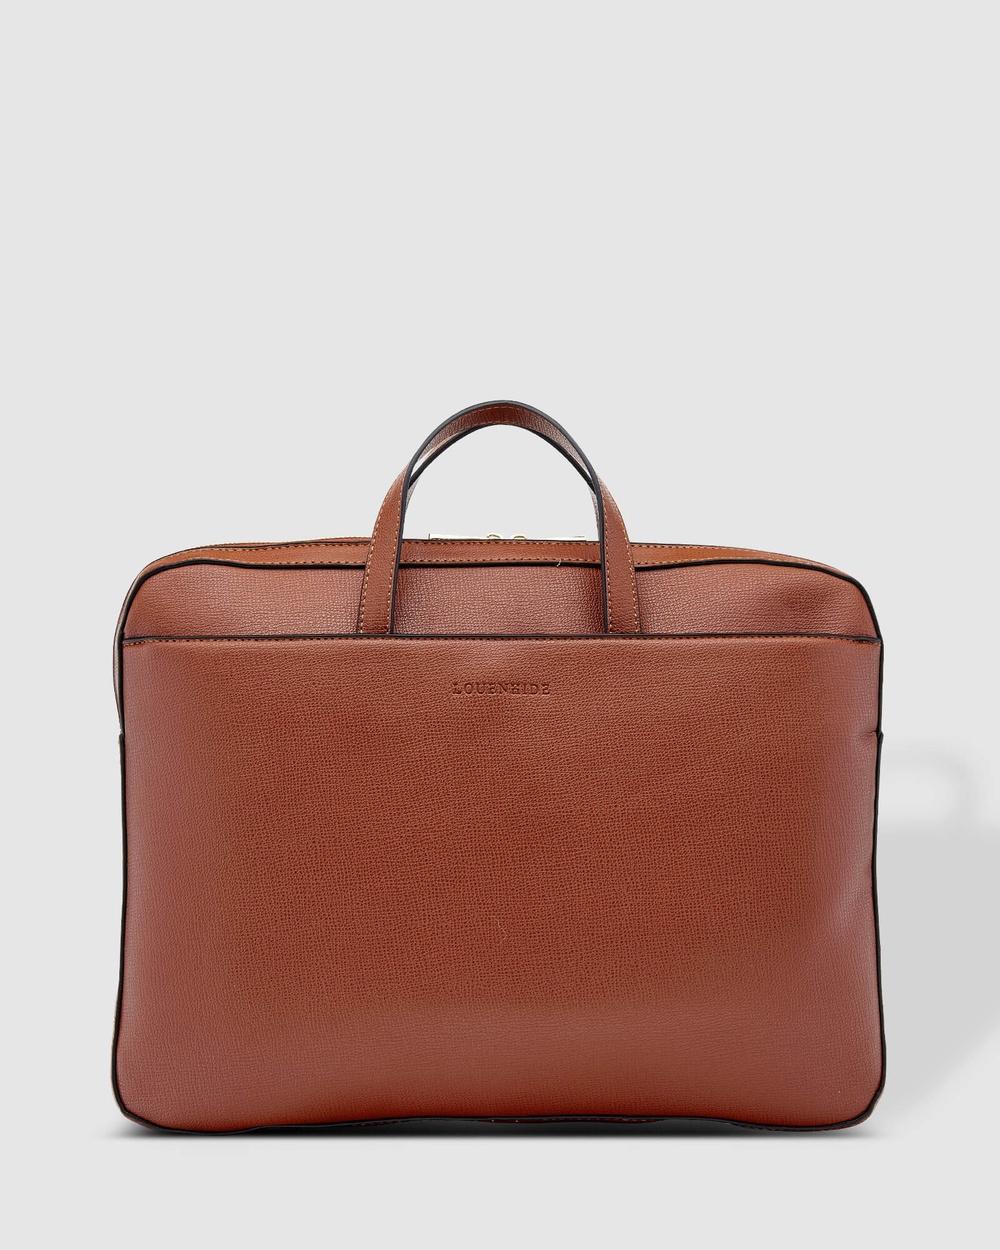 Louenhide Orleans Laptop Bag Bags Tan Australia